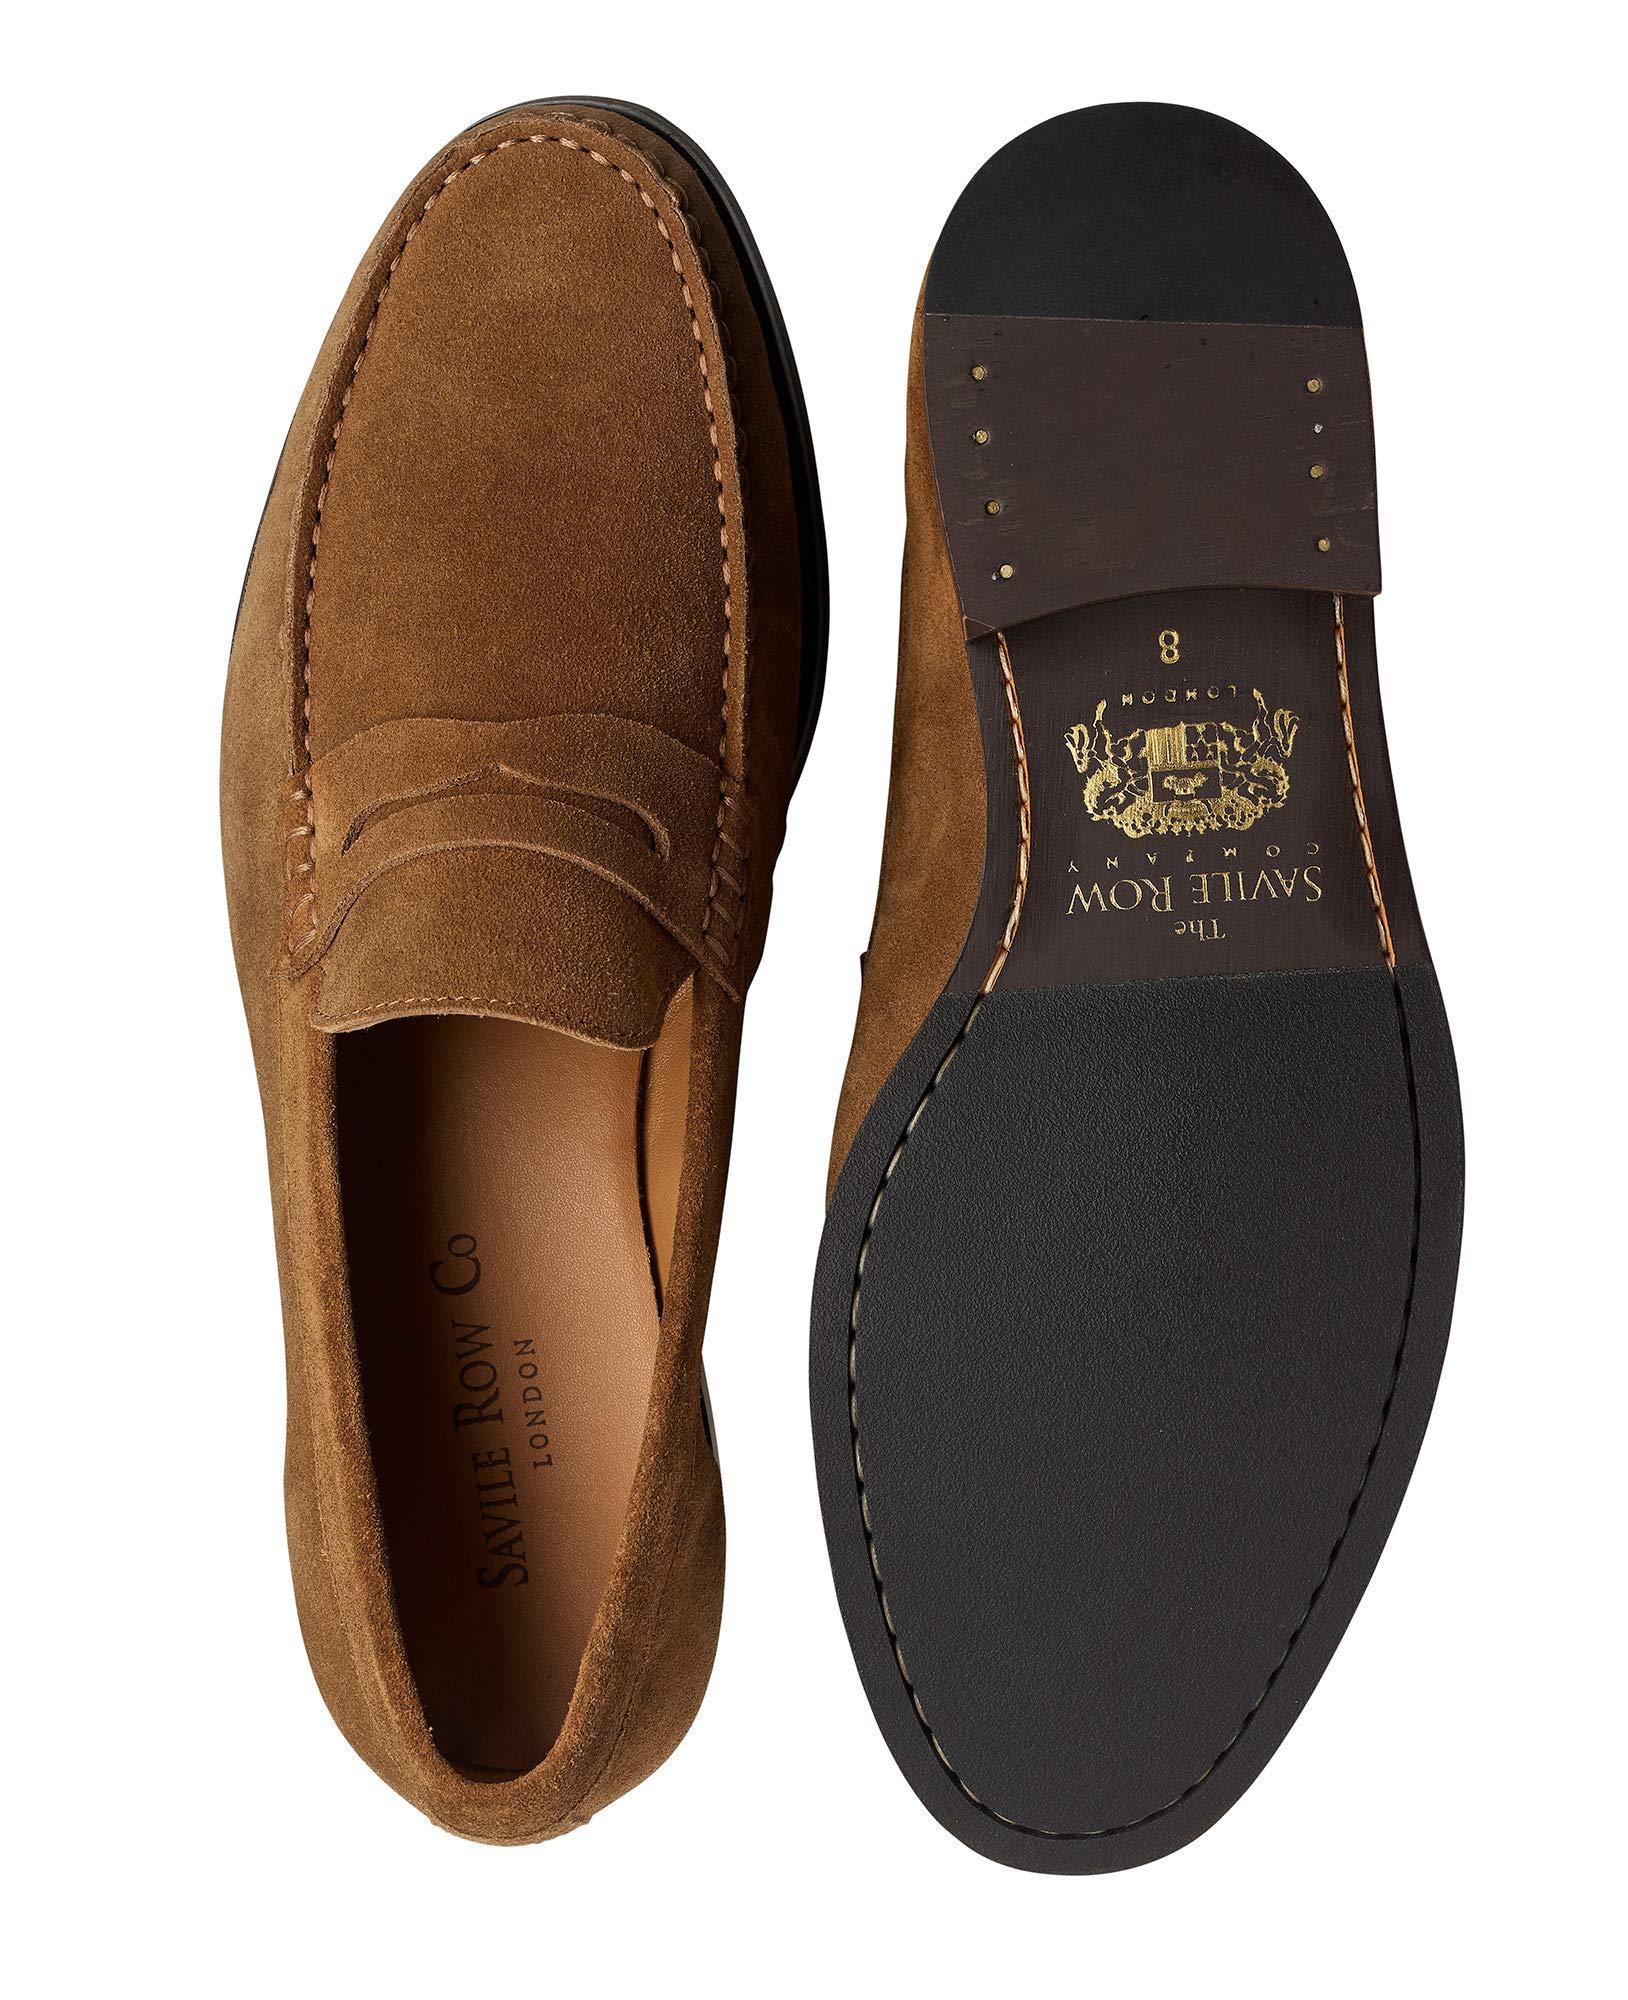 Savile Row Company London: Shoes